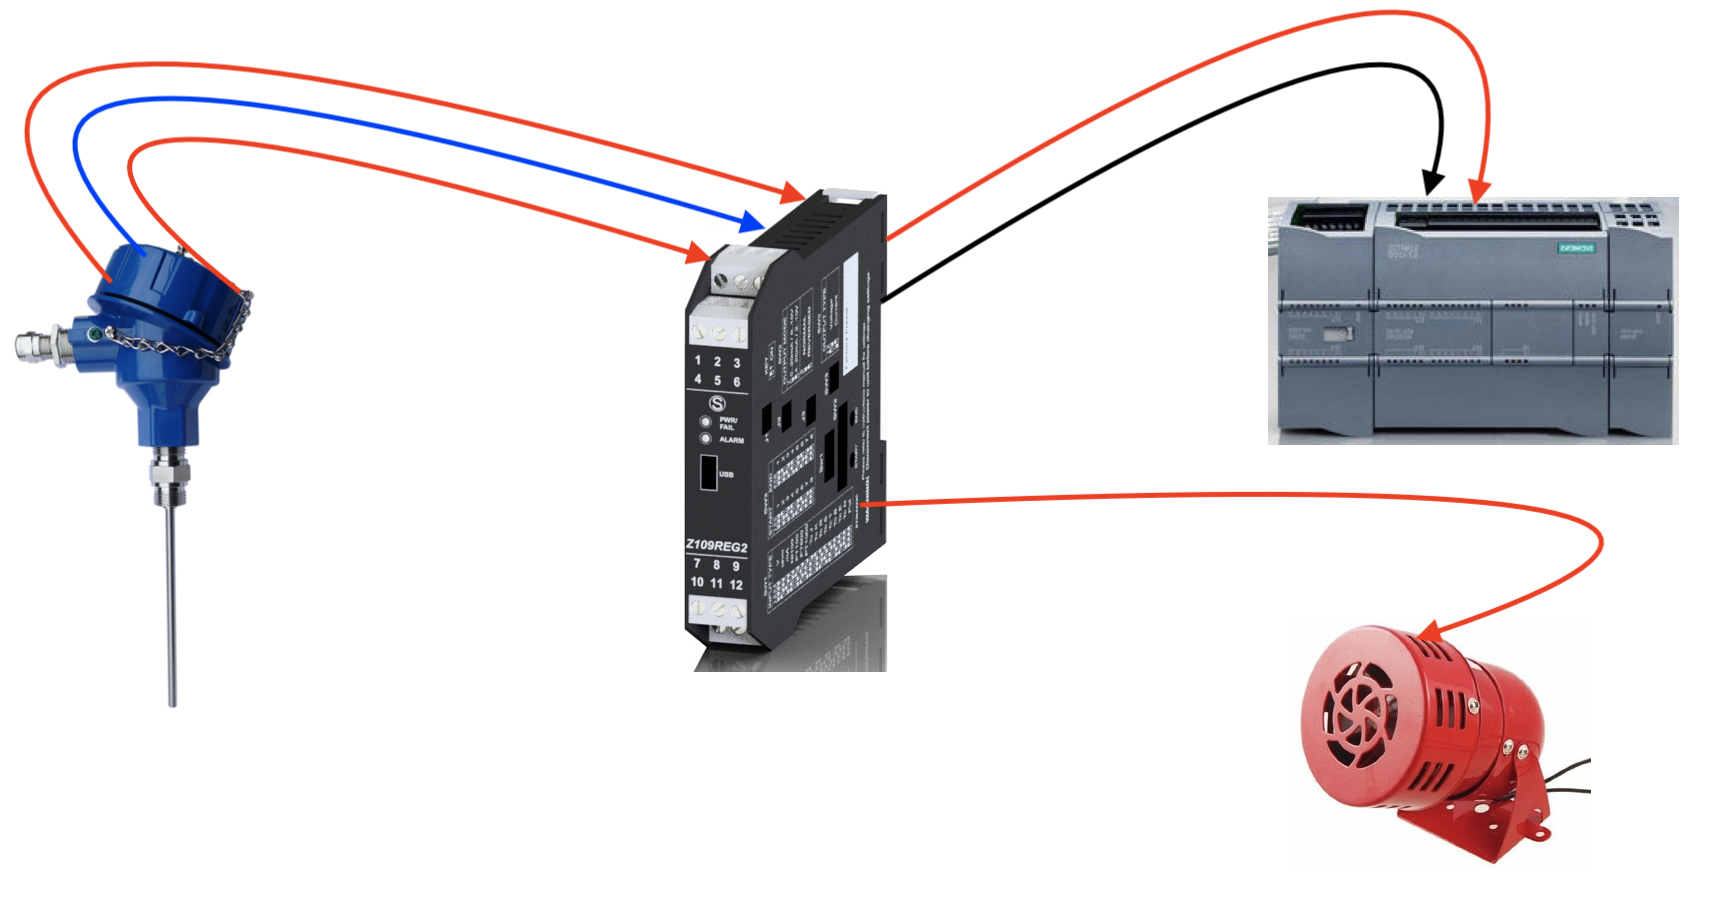 bộ chuyển đổi nhiệt độ pt100 Z109REG2-1